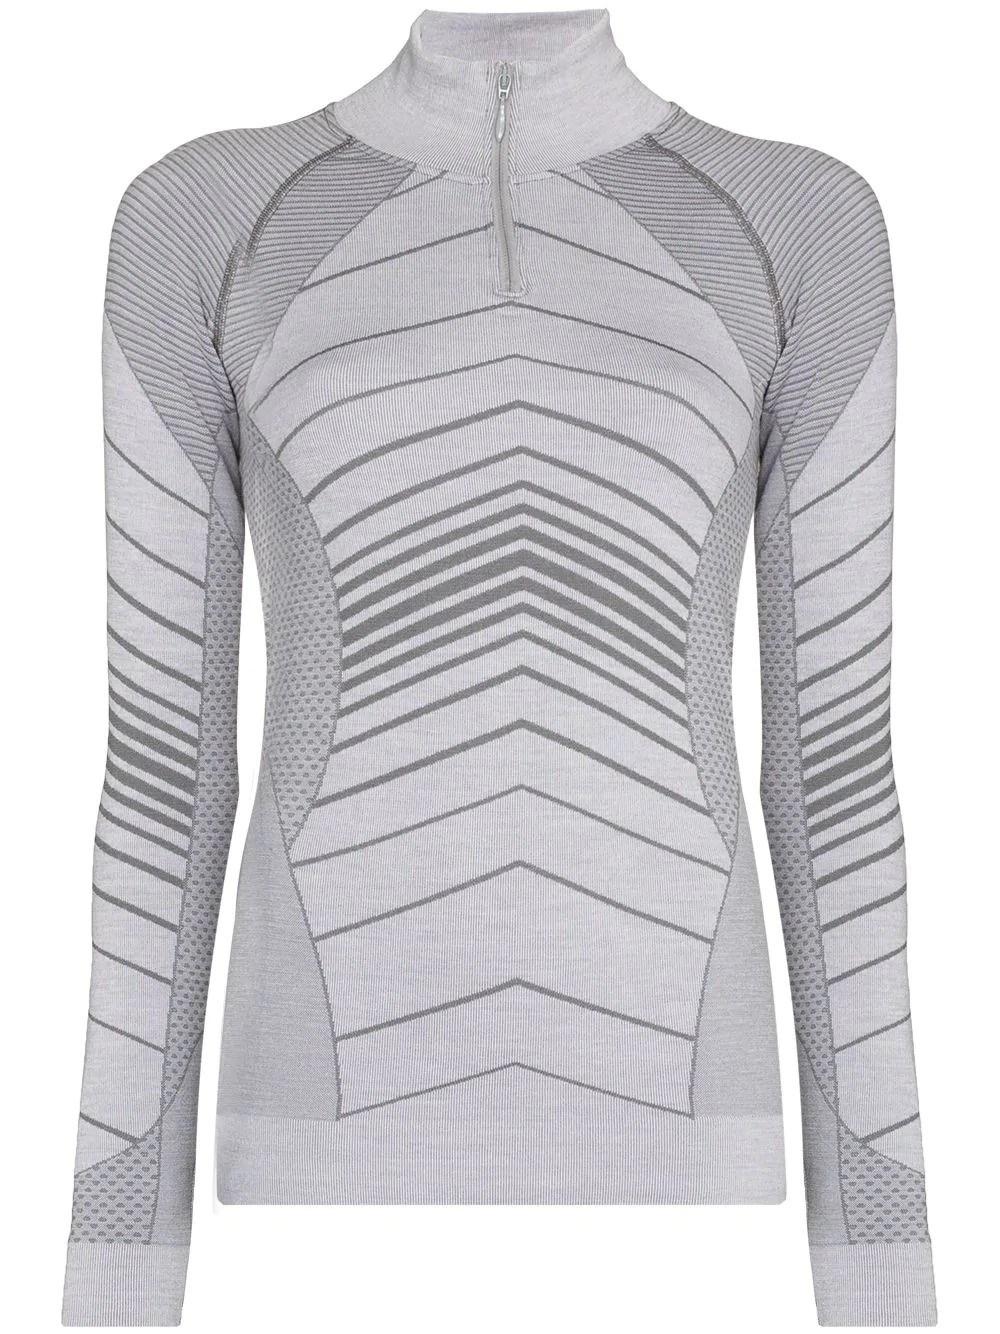 Sweaty Betty stripe-jacquard base layer ski top